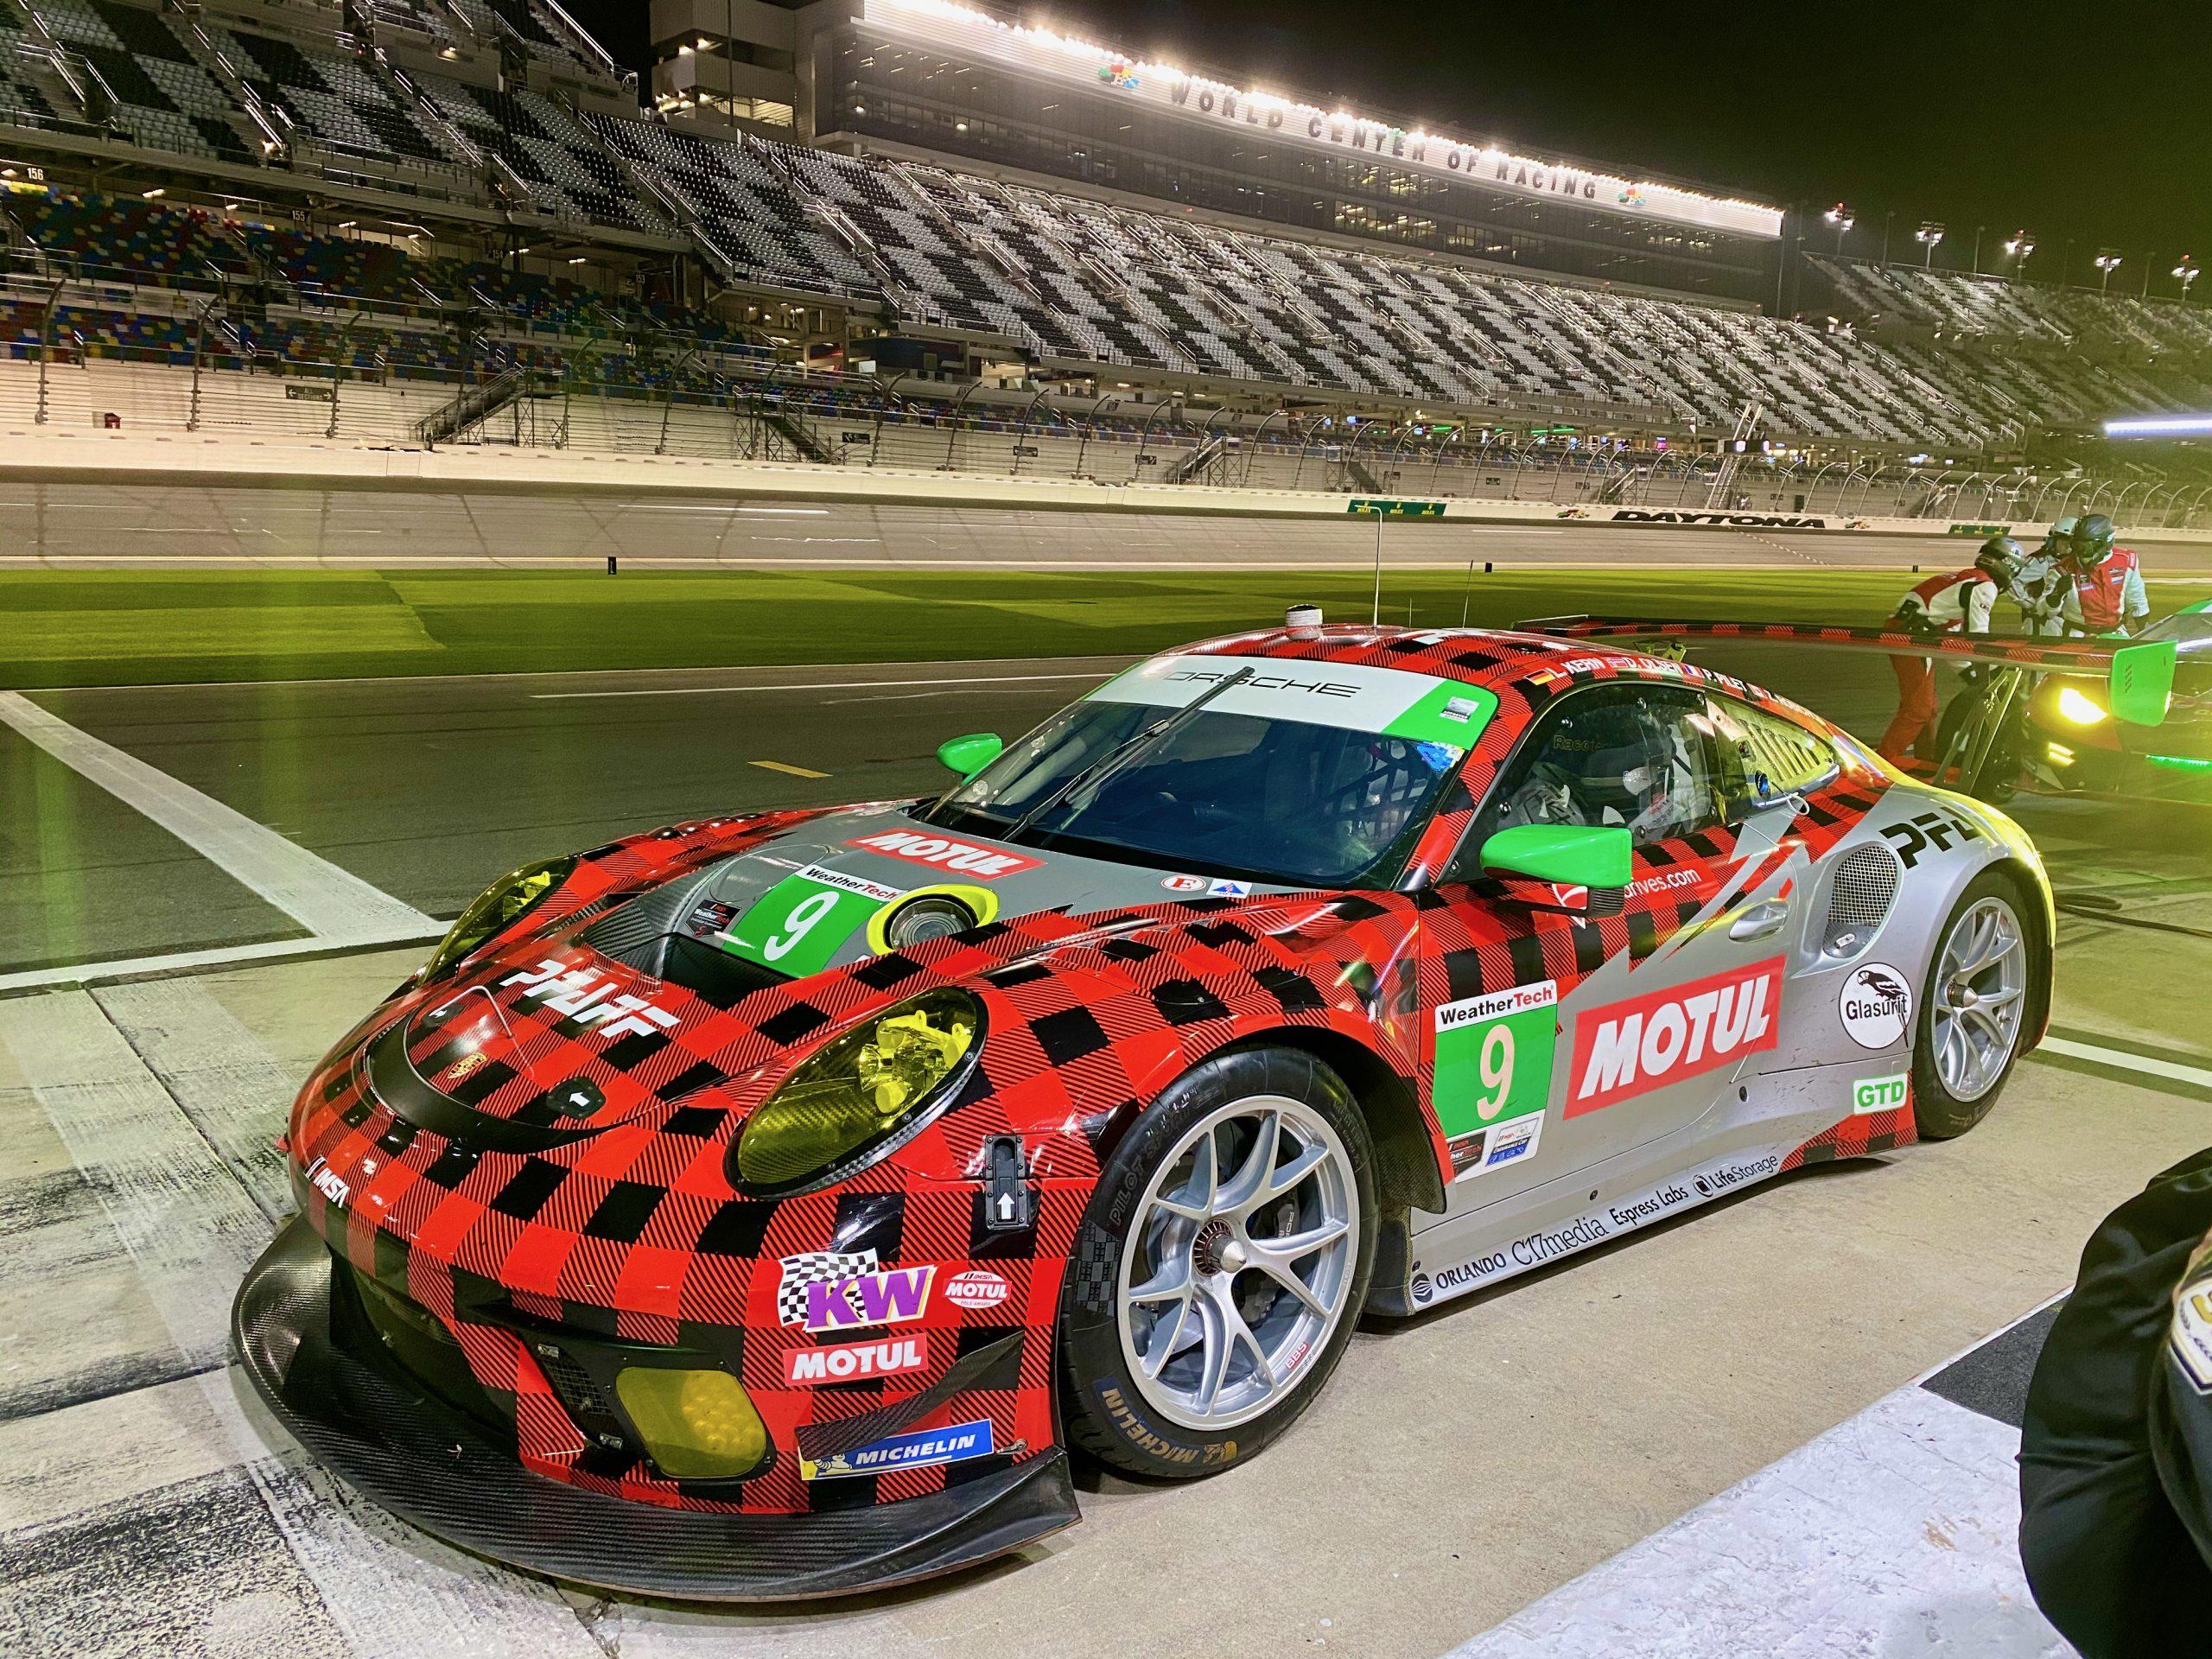 The #9 Pfaff Porsche in the pits at Daytona